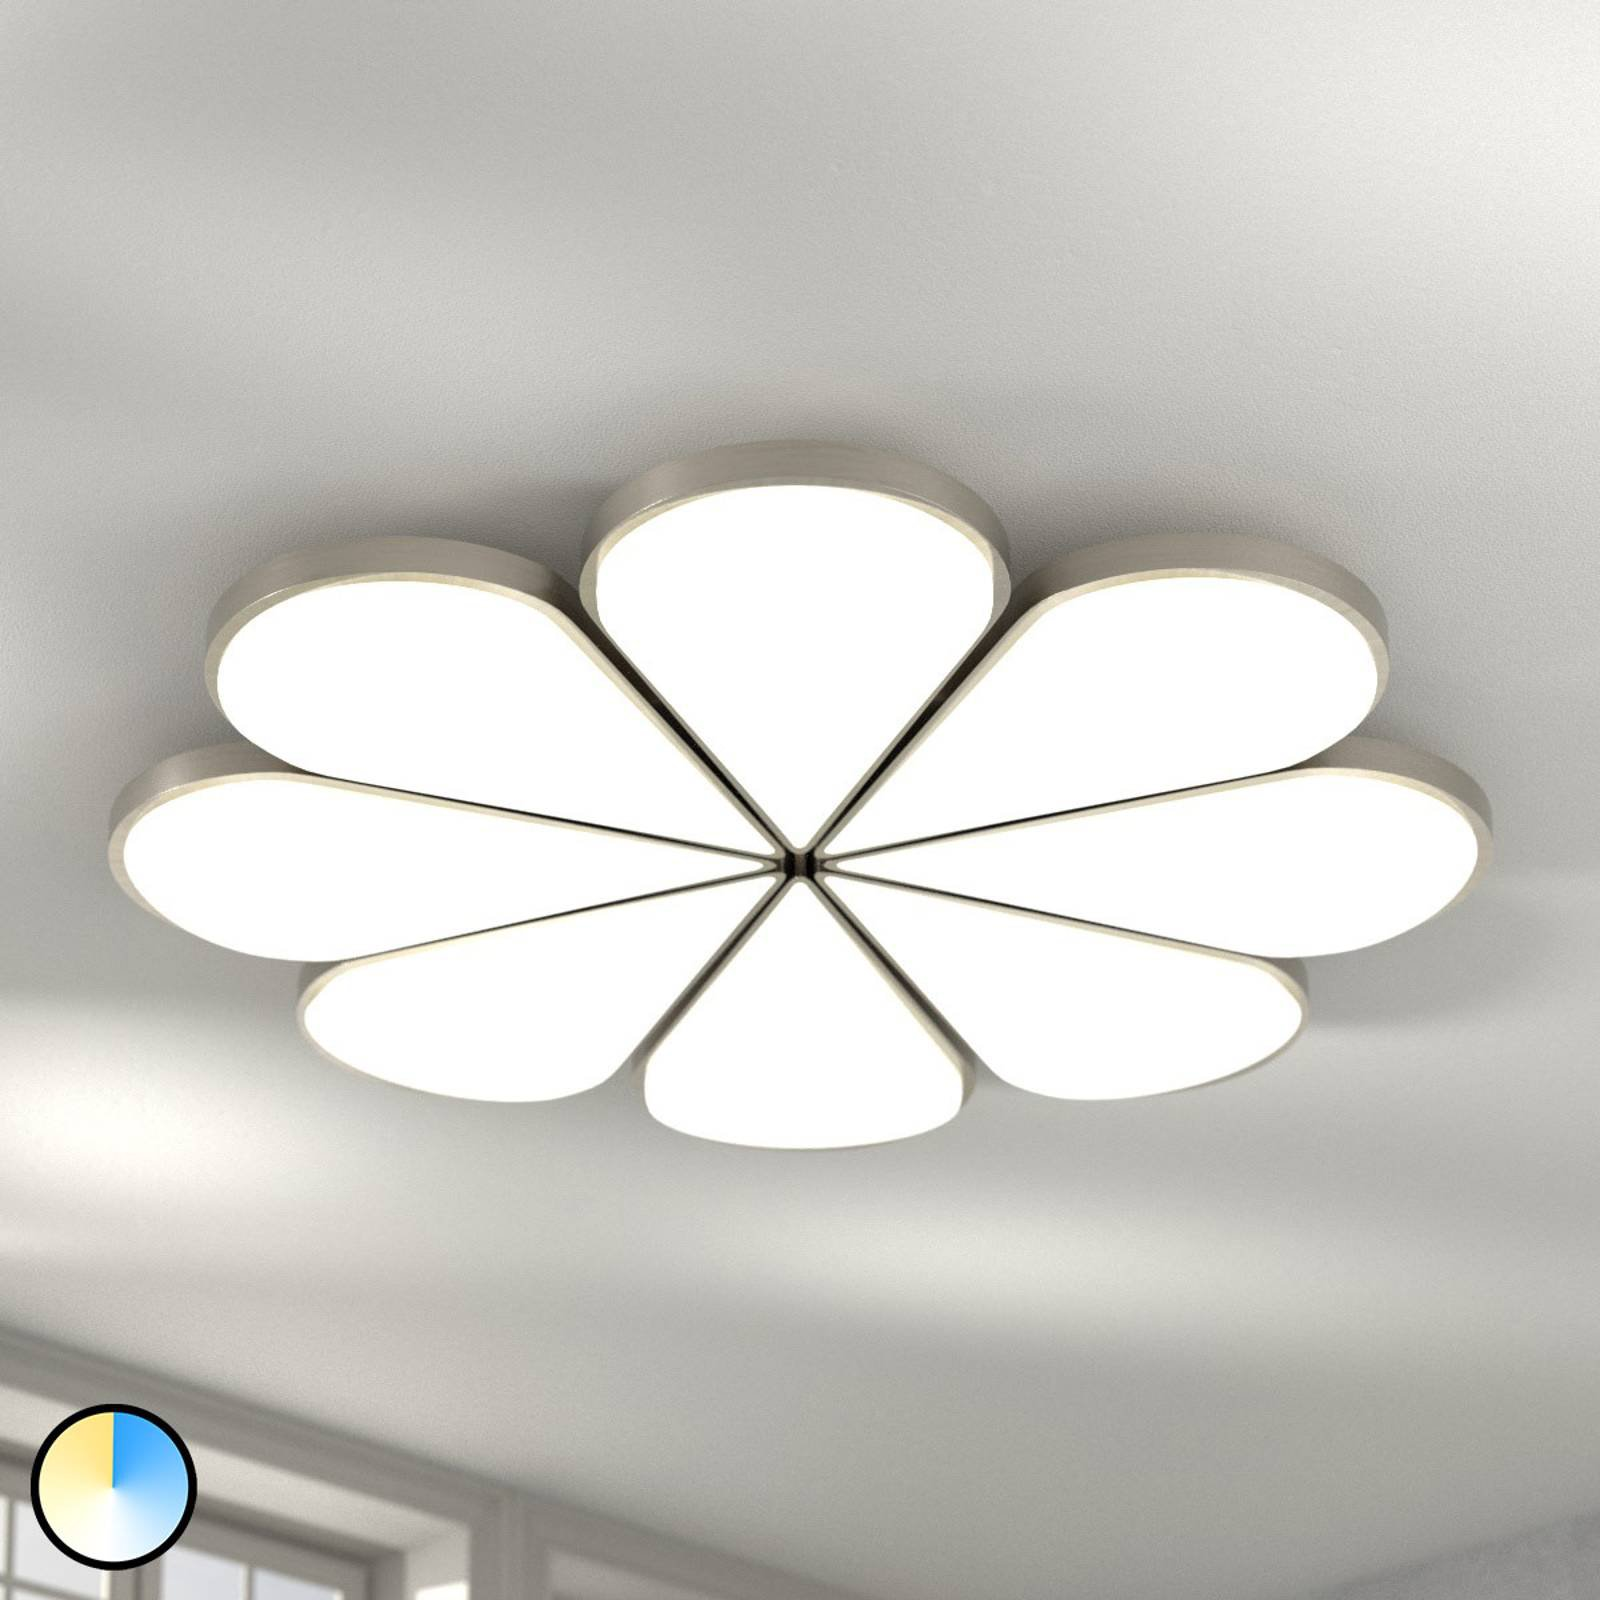 B-Leuchten Flower LED-taklampe CCT Ø 81cm